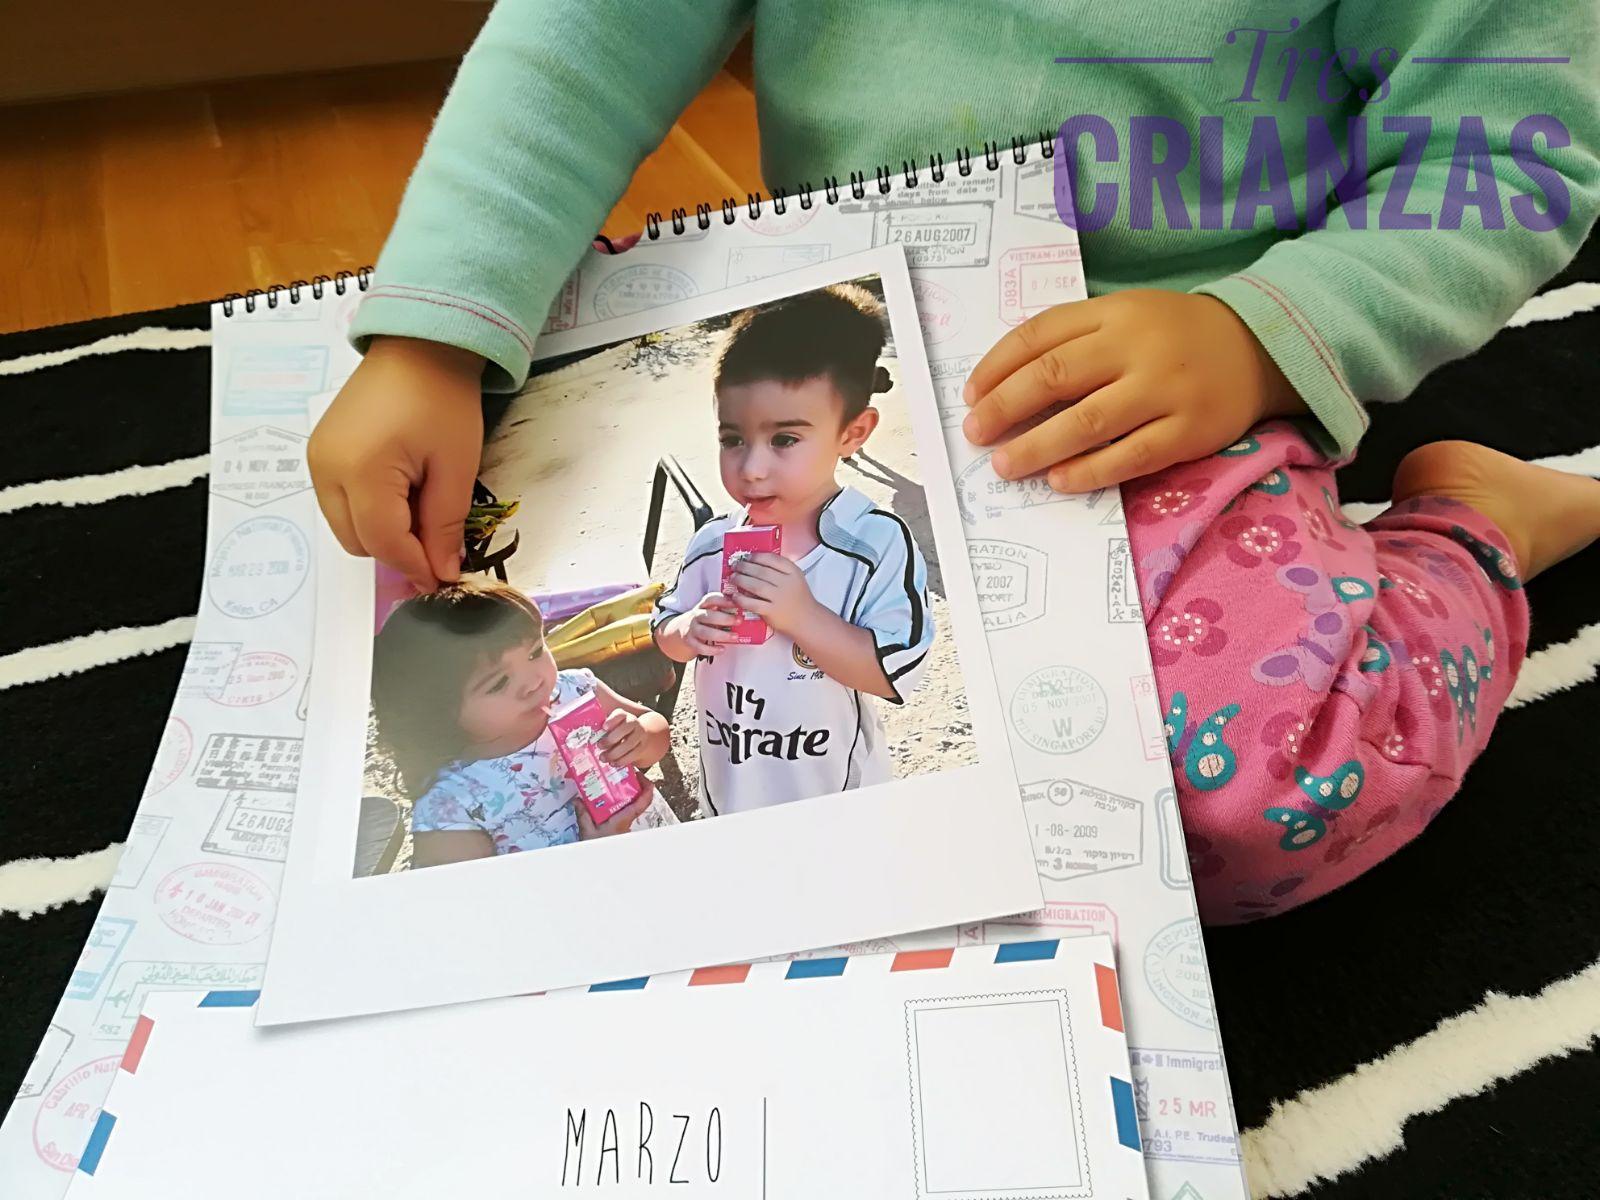 calendariopersonalizado - Tenemos calendario personalizado! Regalazo para papá.